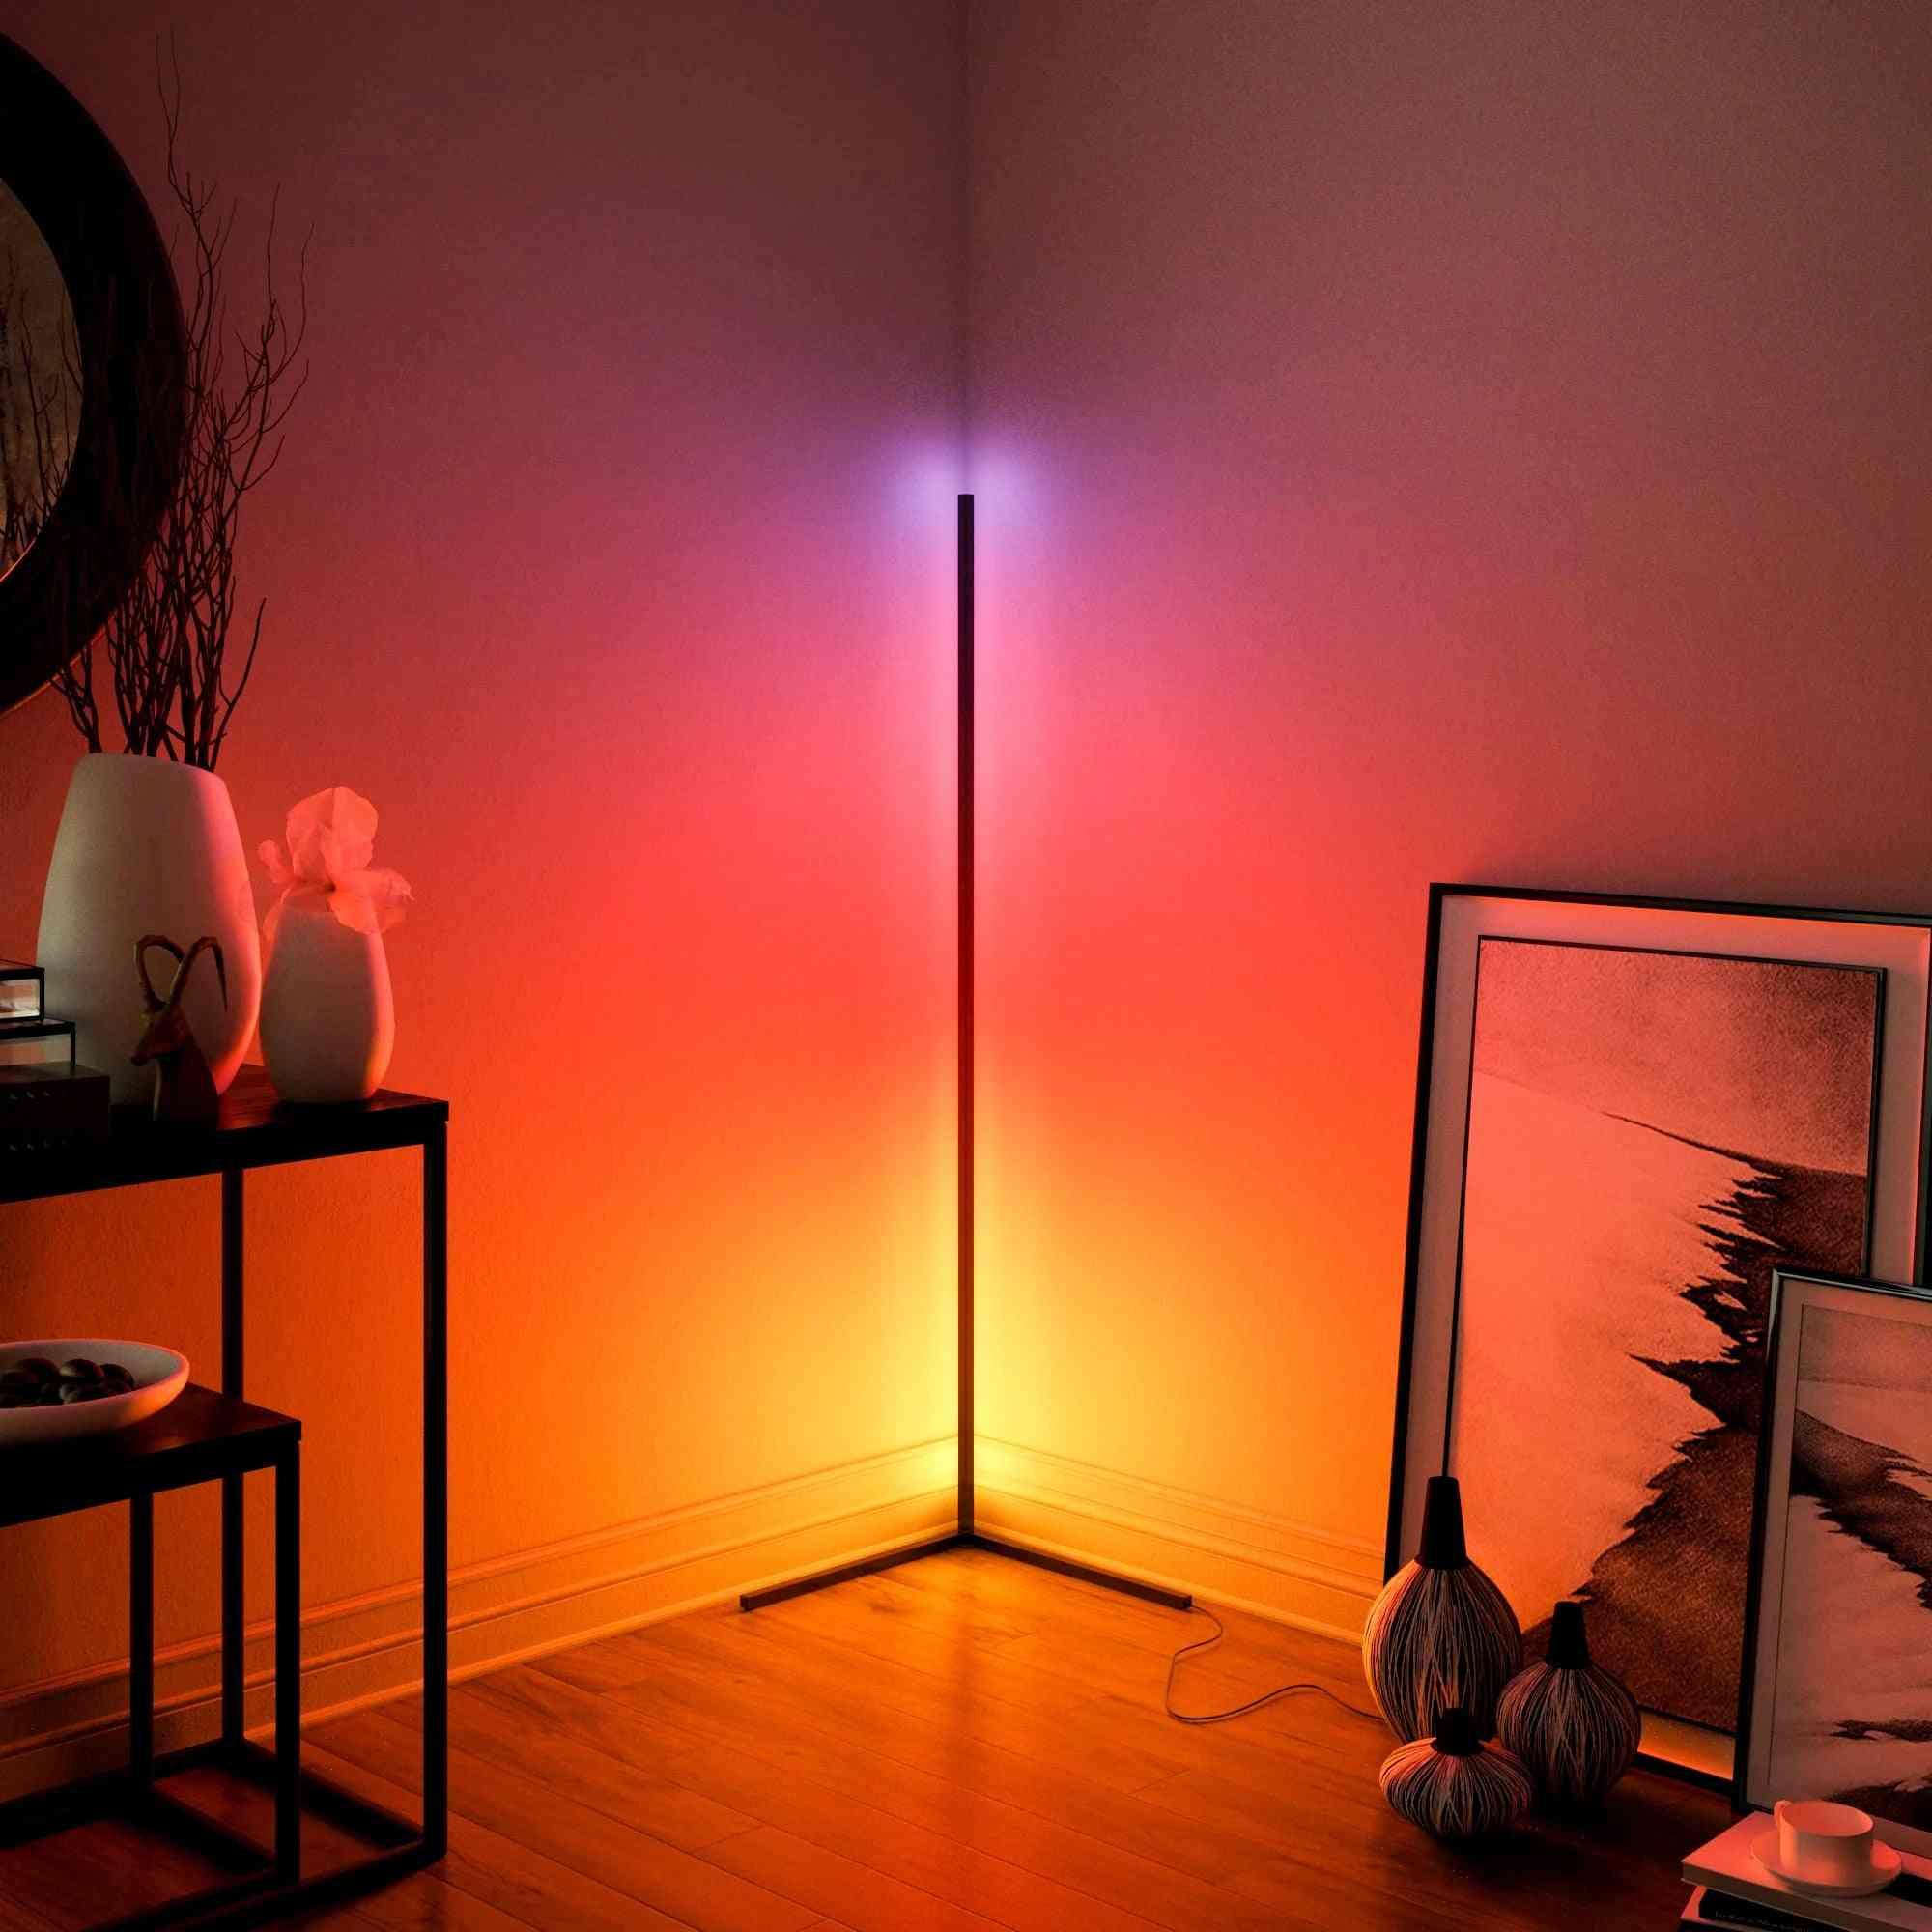 Modern Led Corner Floor Lamps - Atmosphere Light